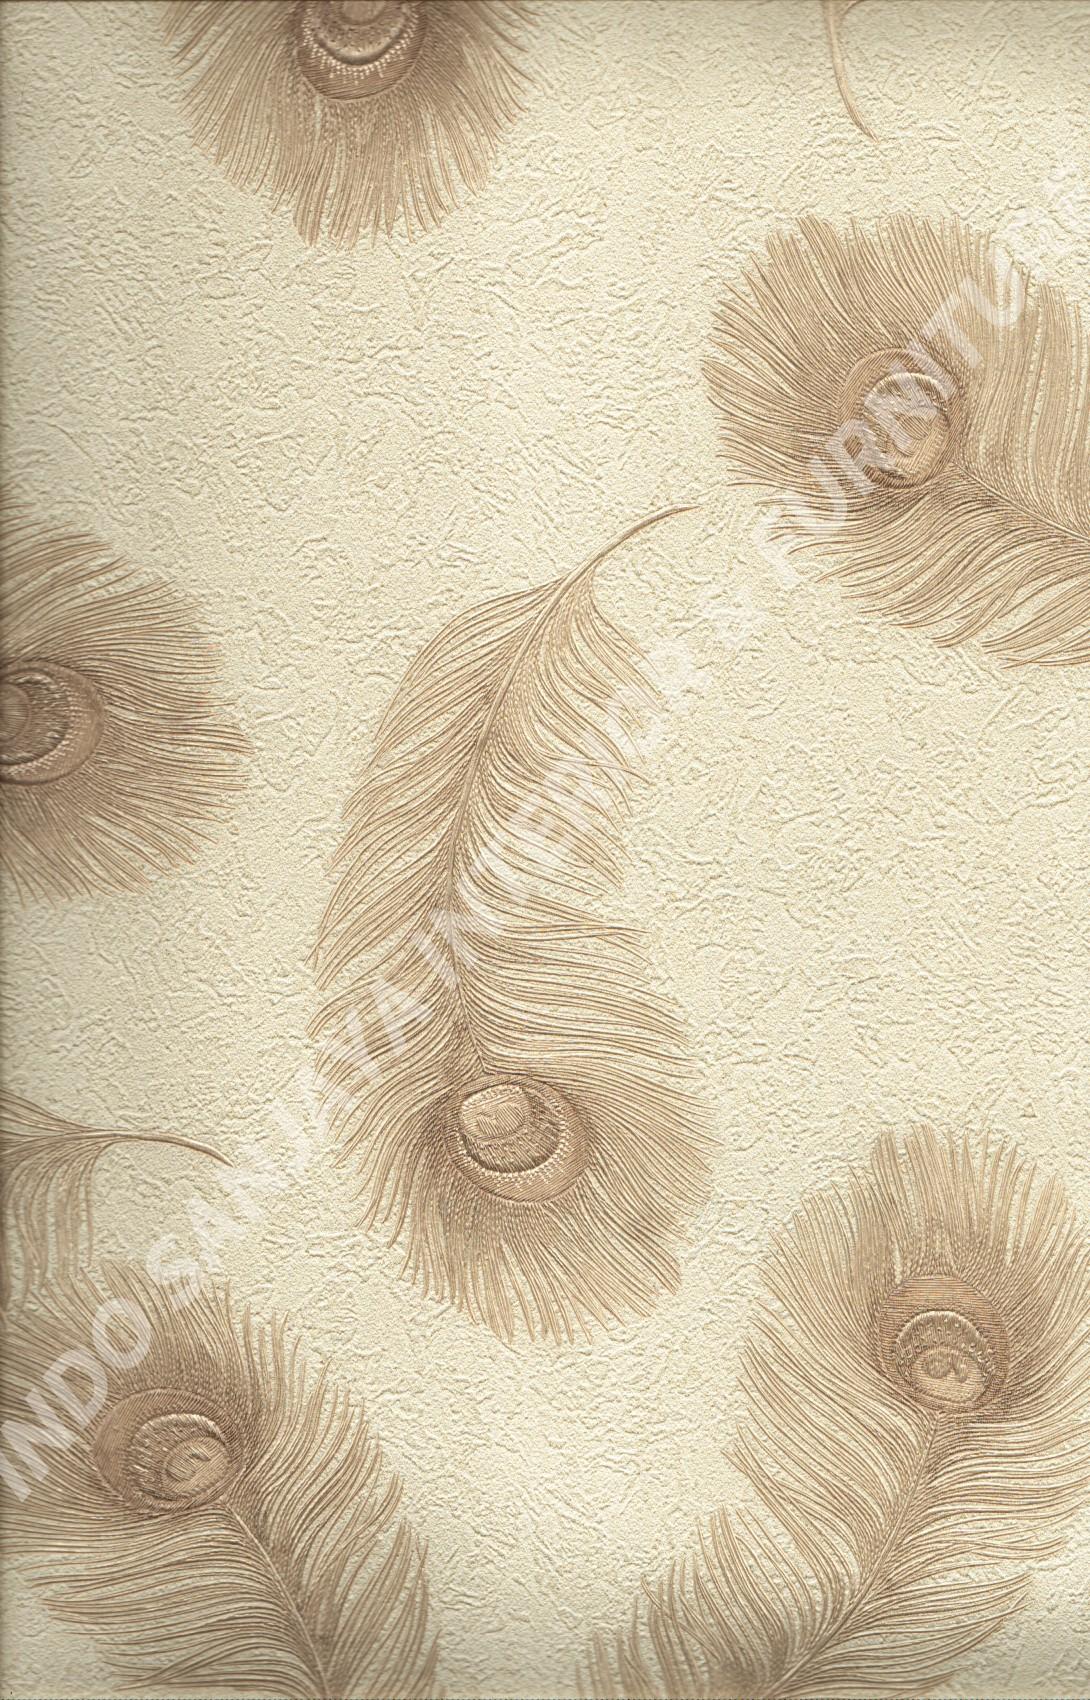 wallpaper   Wallpaper Bunga 11052:11052 corak  warna